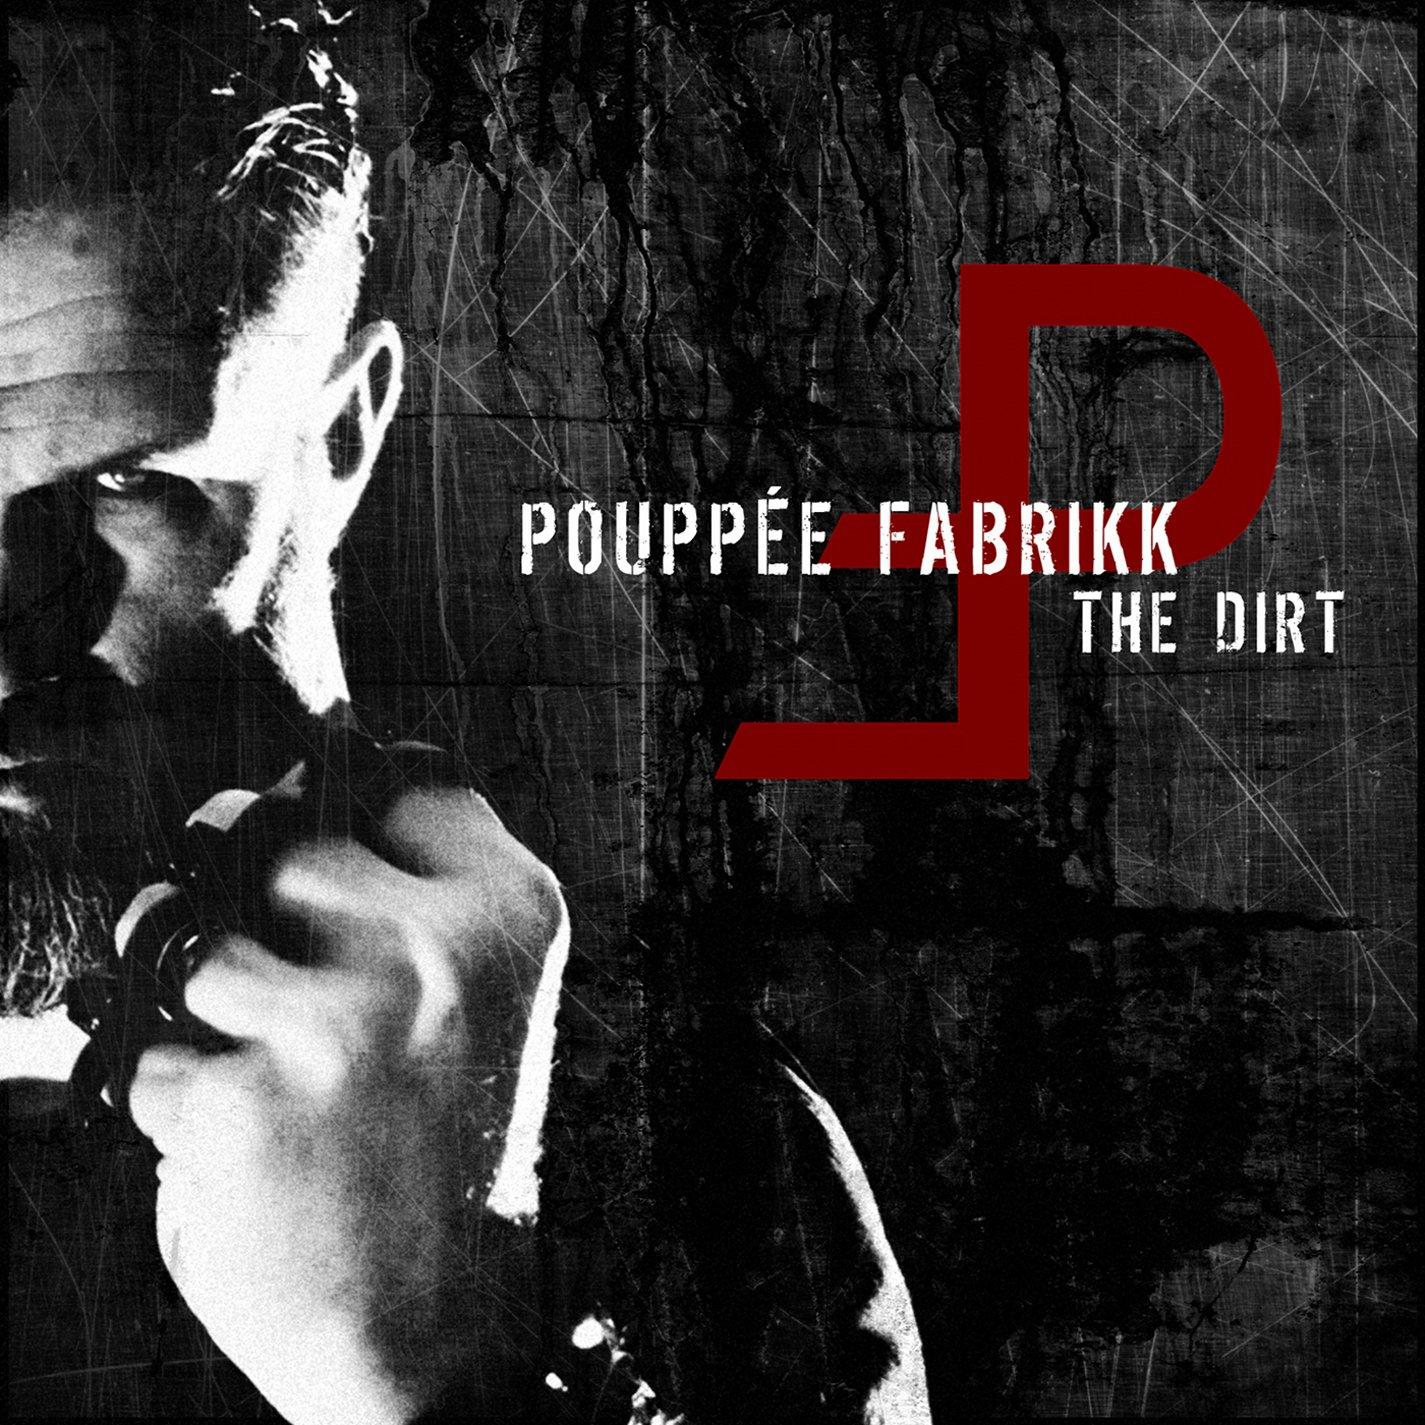 CD : Pouppee Fabrikk - The Dirt (CD)